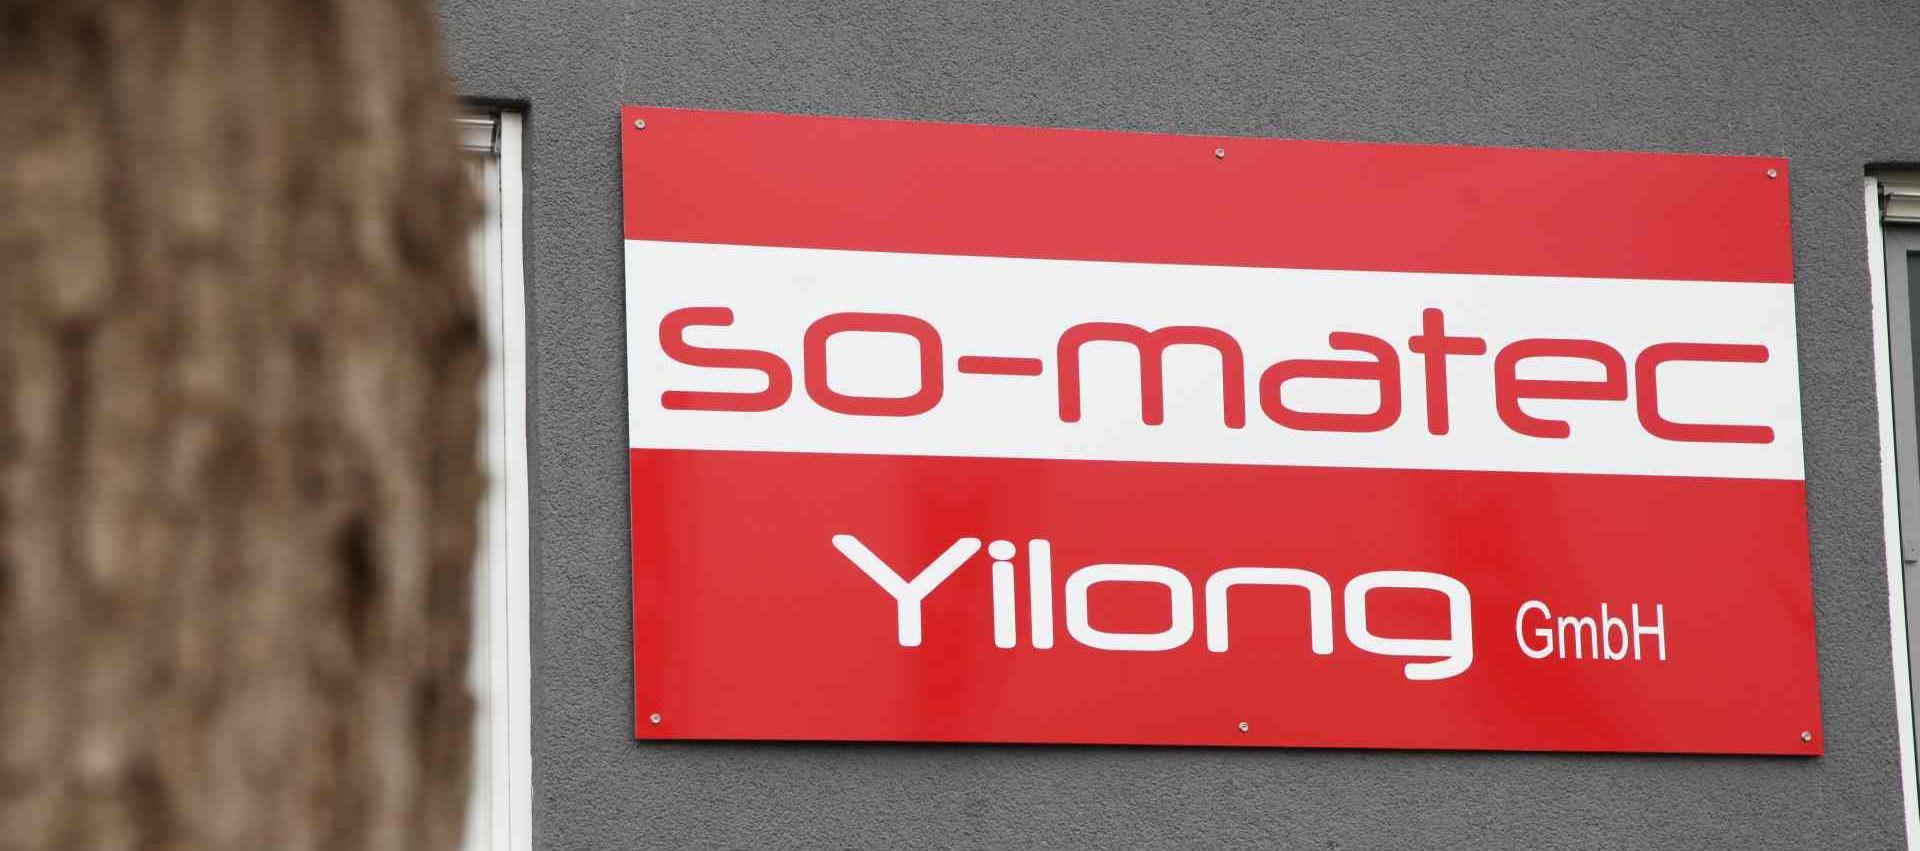 Somatec Yilong: Anfrageformular | Sie möchten Prozesse ...